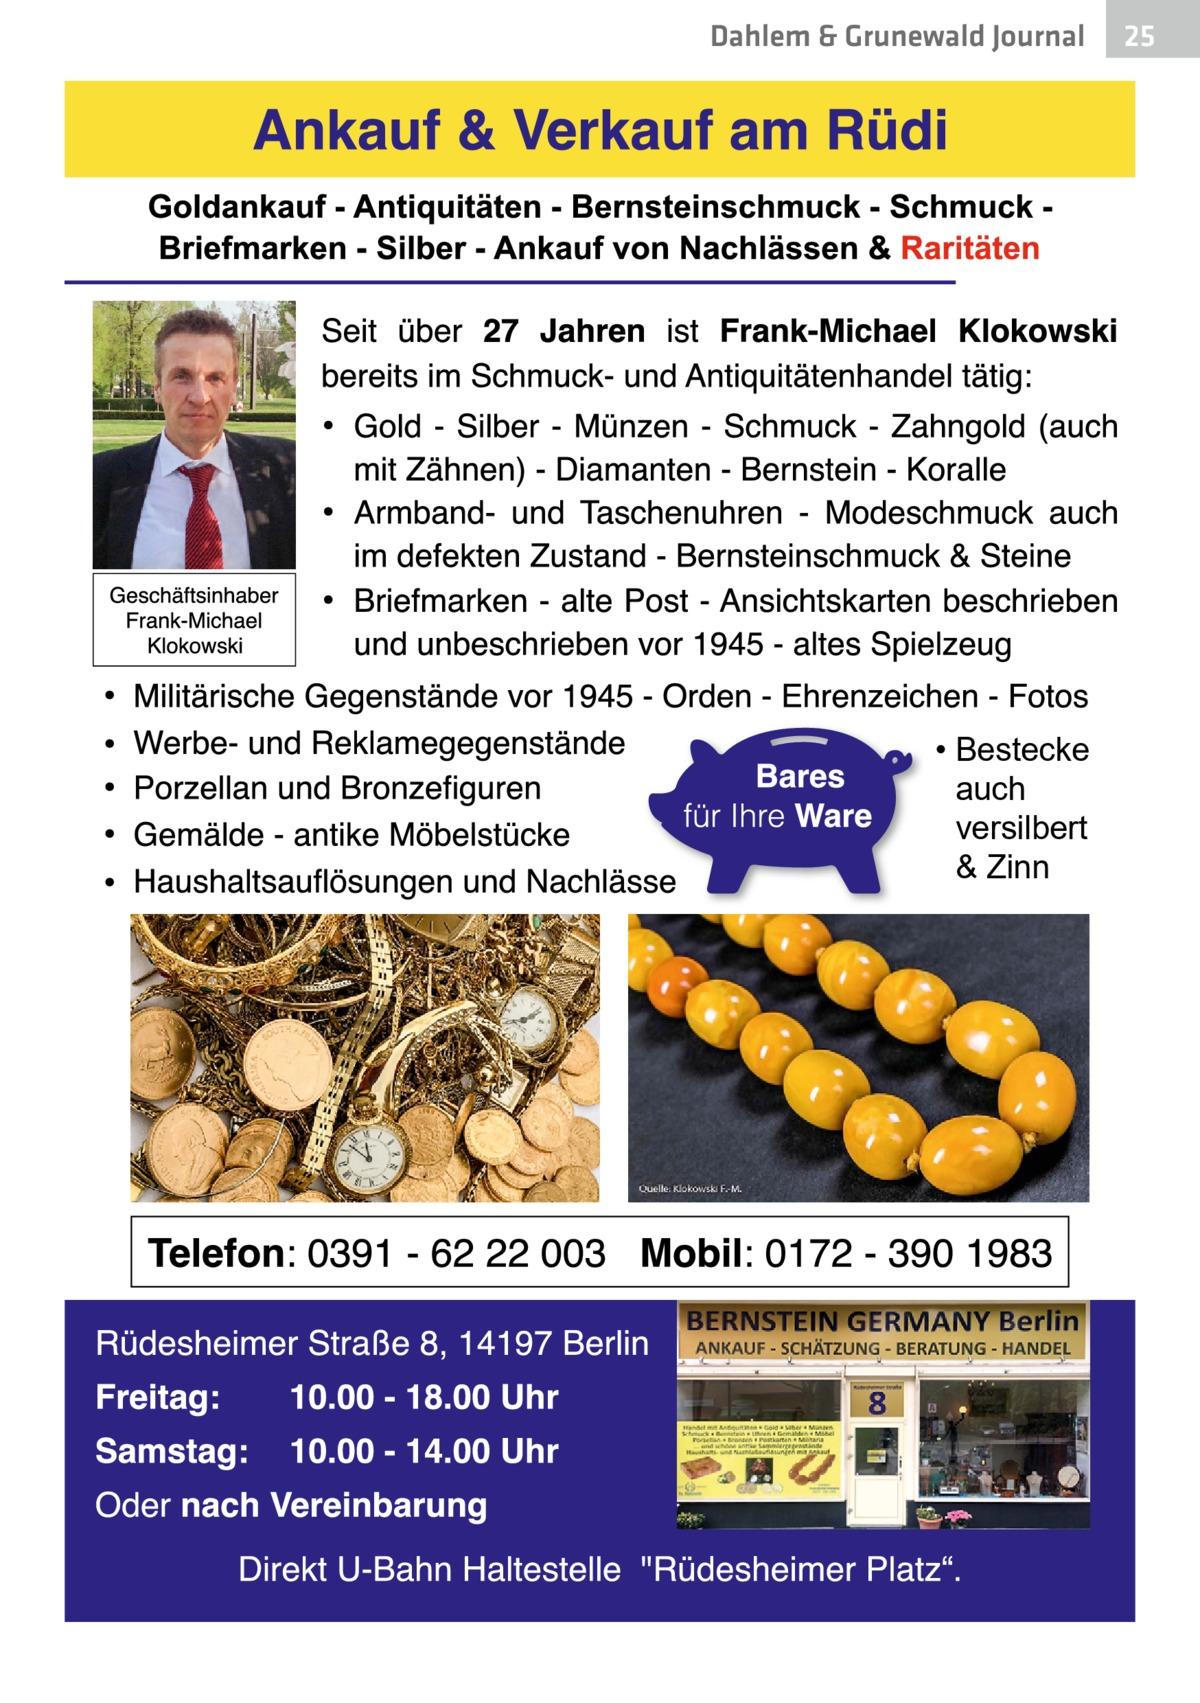 Dahlem & Grunewald Journal  • Bestecke auch versilbert & Zinn  25 25